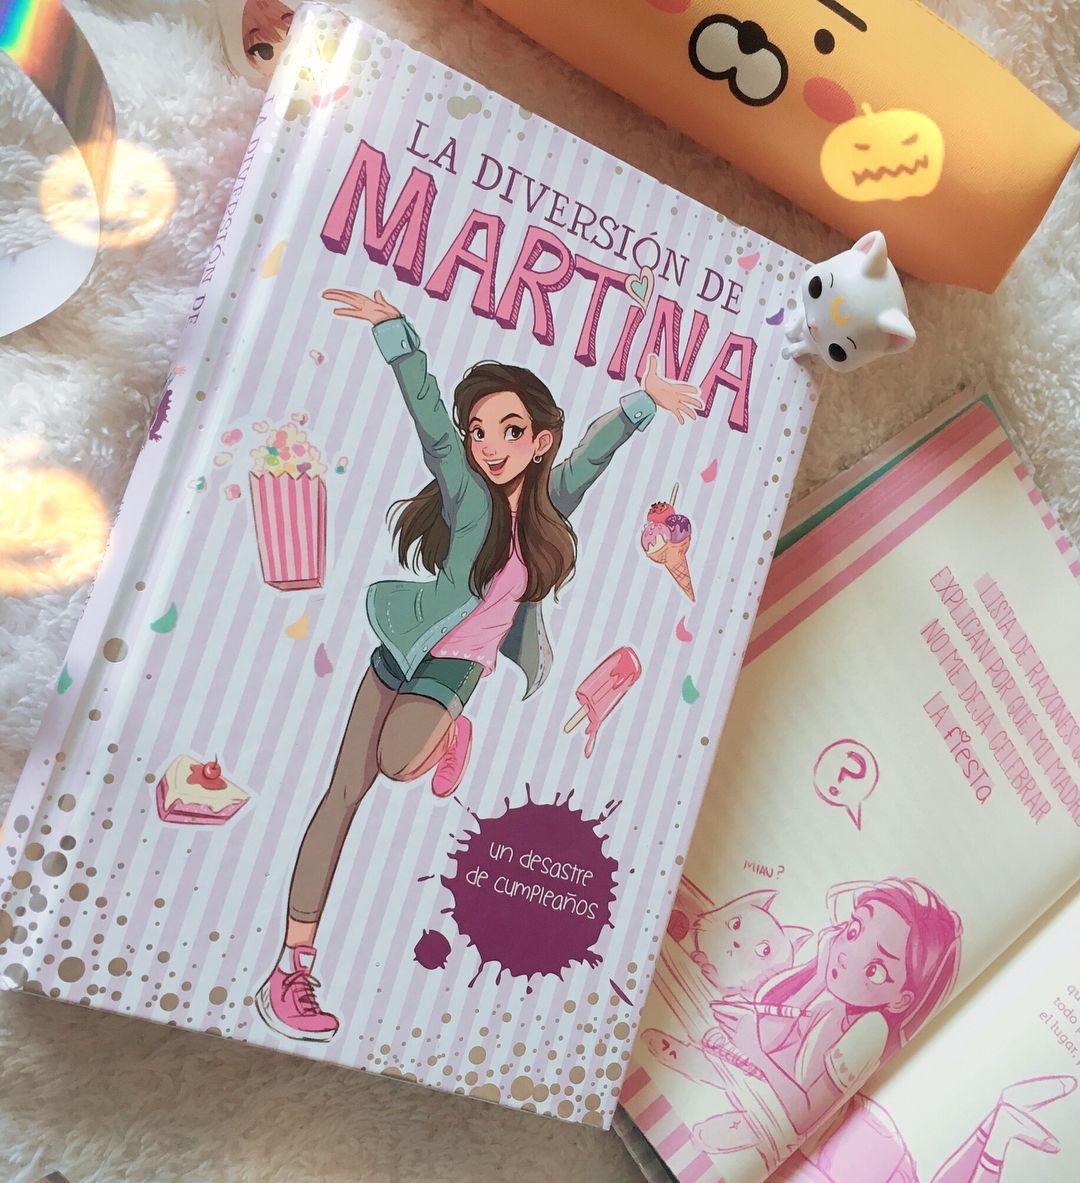 AHHH ya puedo colgar cosas de La diversión de Martina💖 he estado  trabajando en este libro con la portada y las ilustraciones de interior!